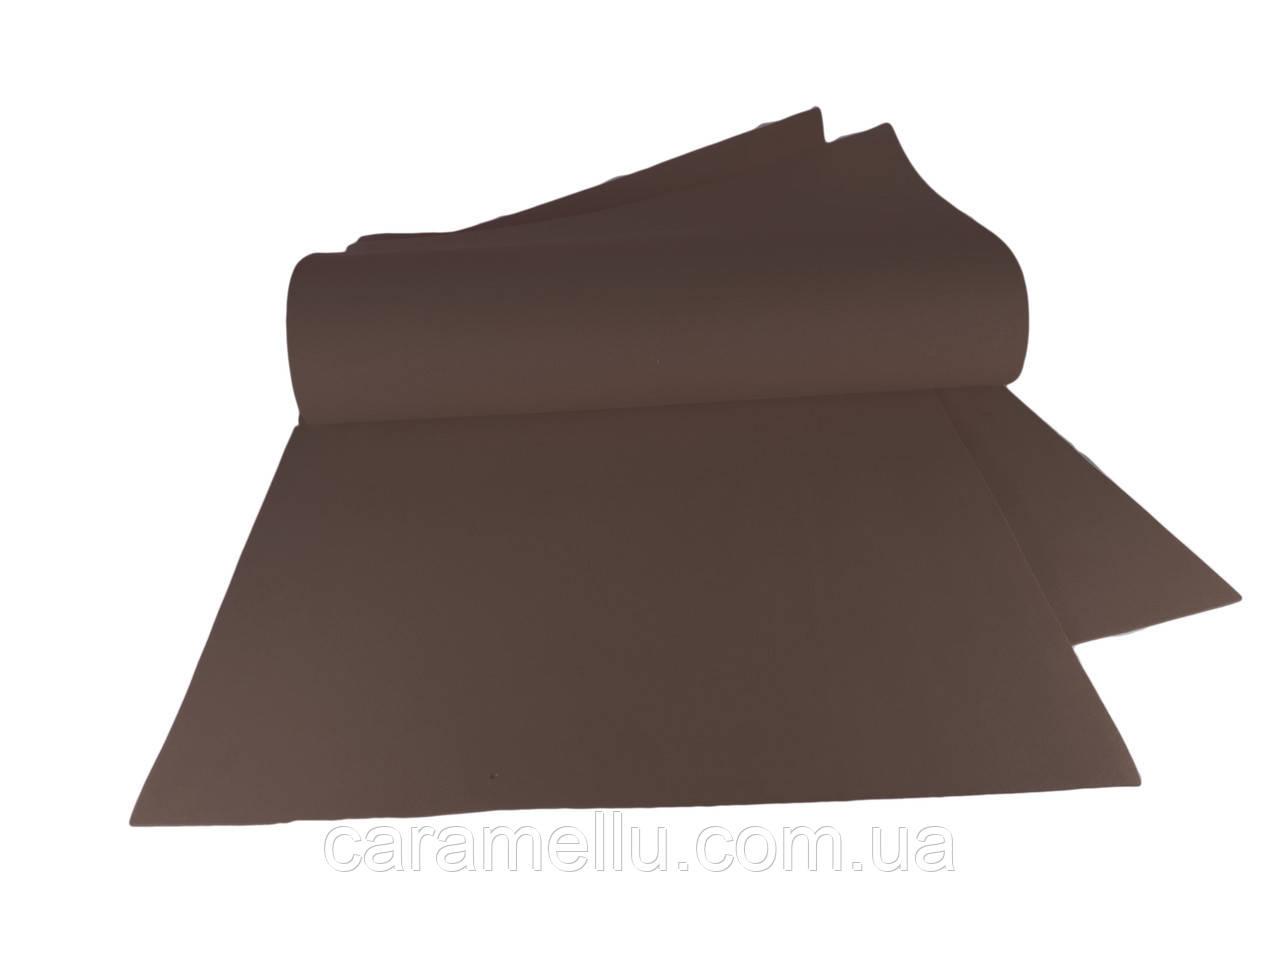 Фоамиран иранский 195, Черный, 1мм, 70х30см.